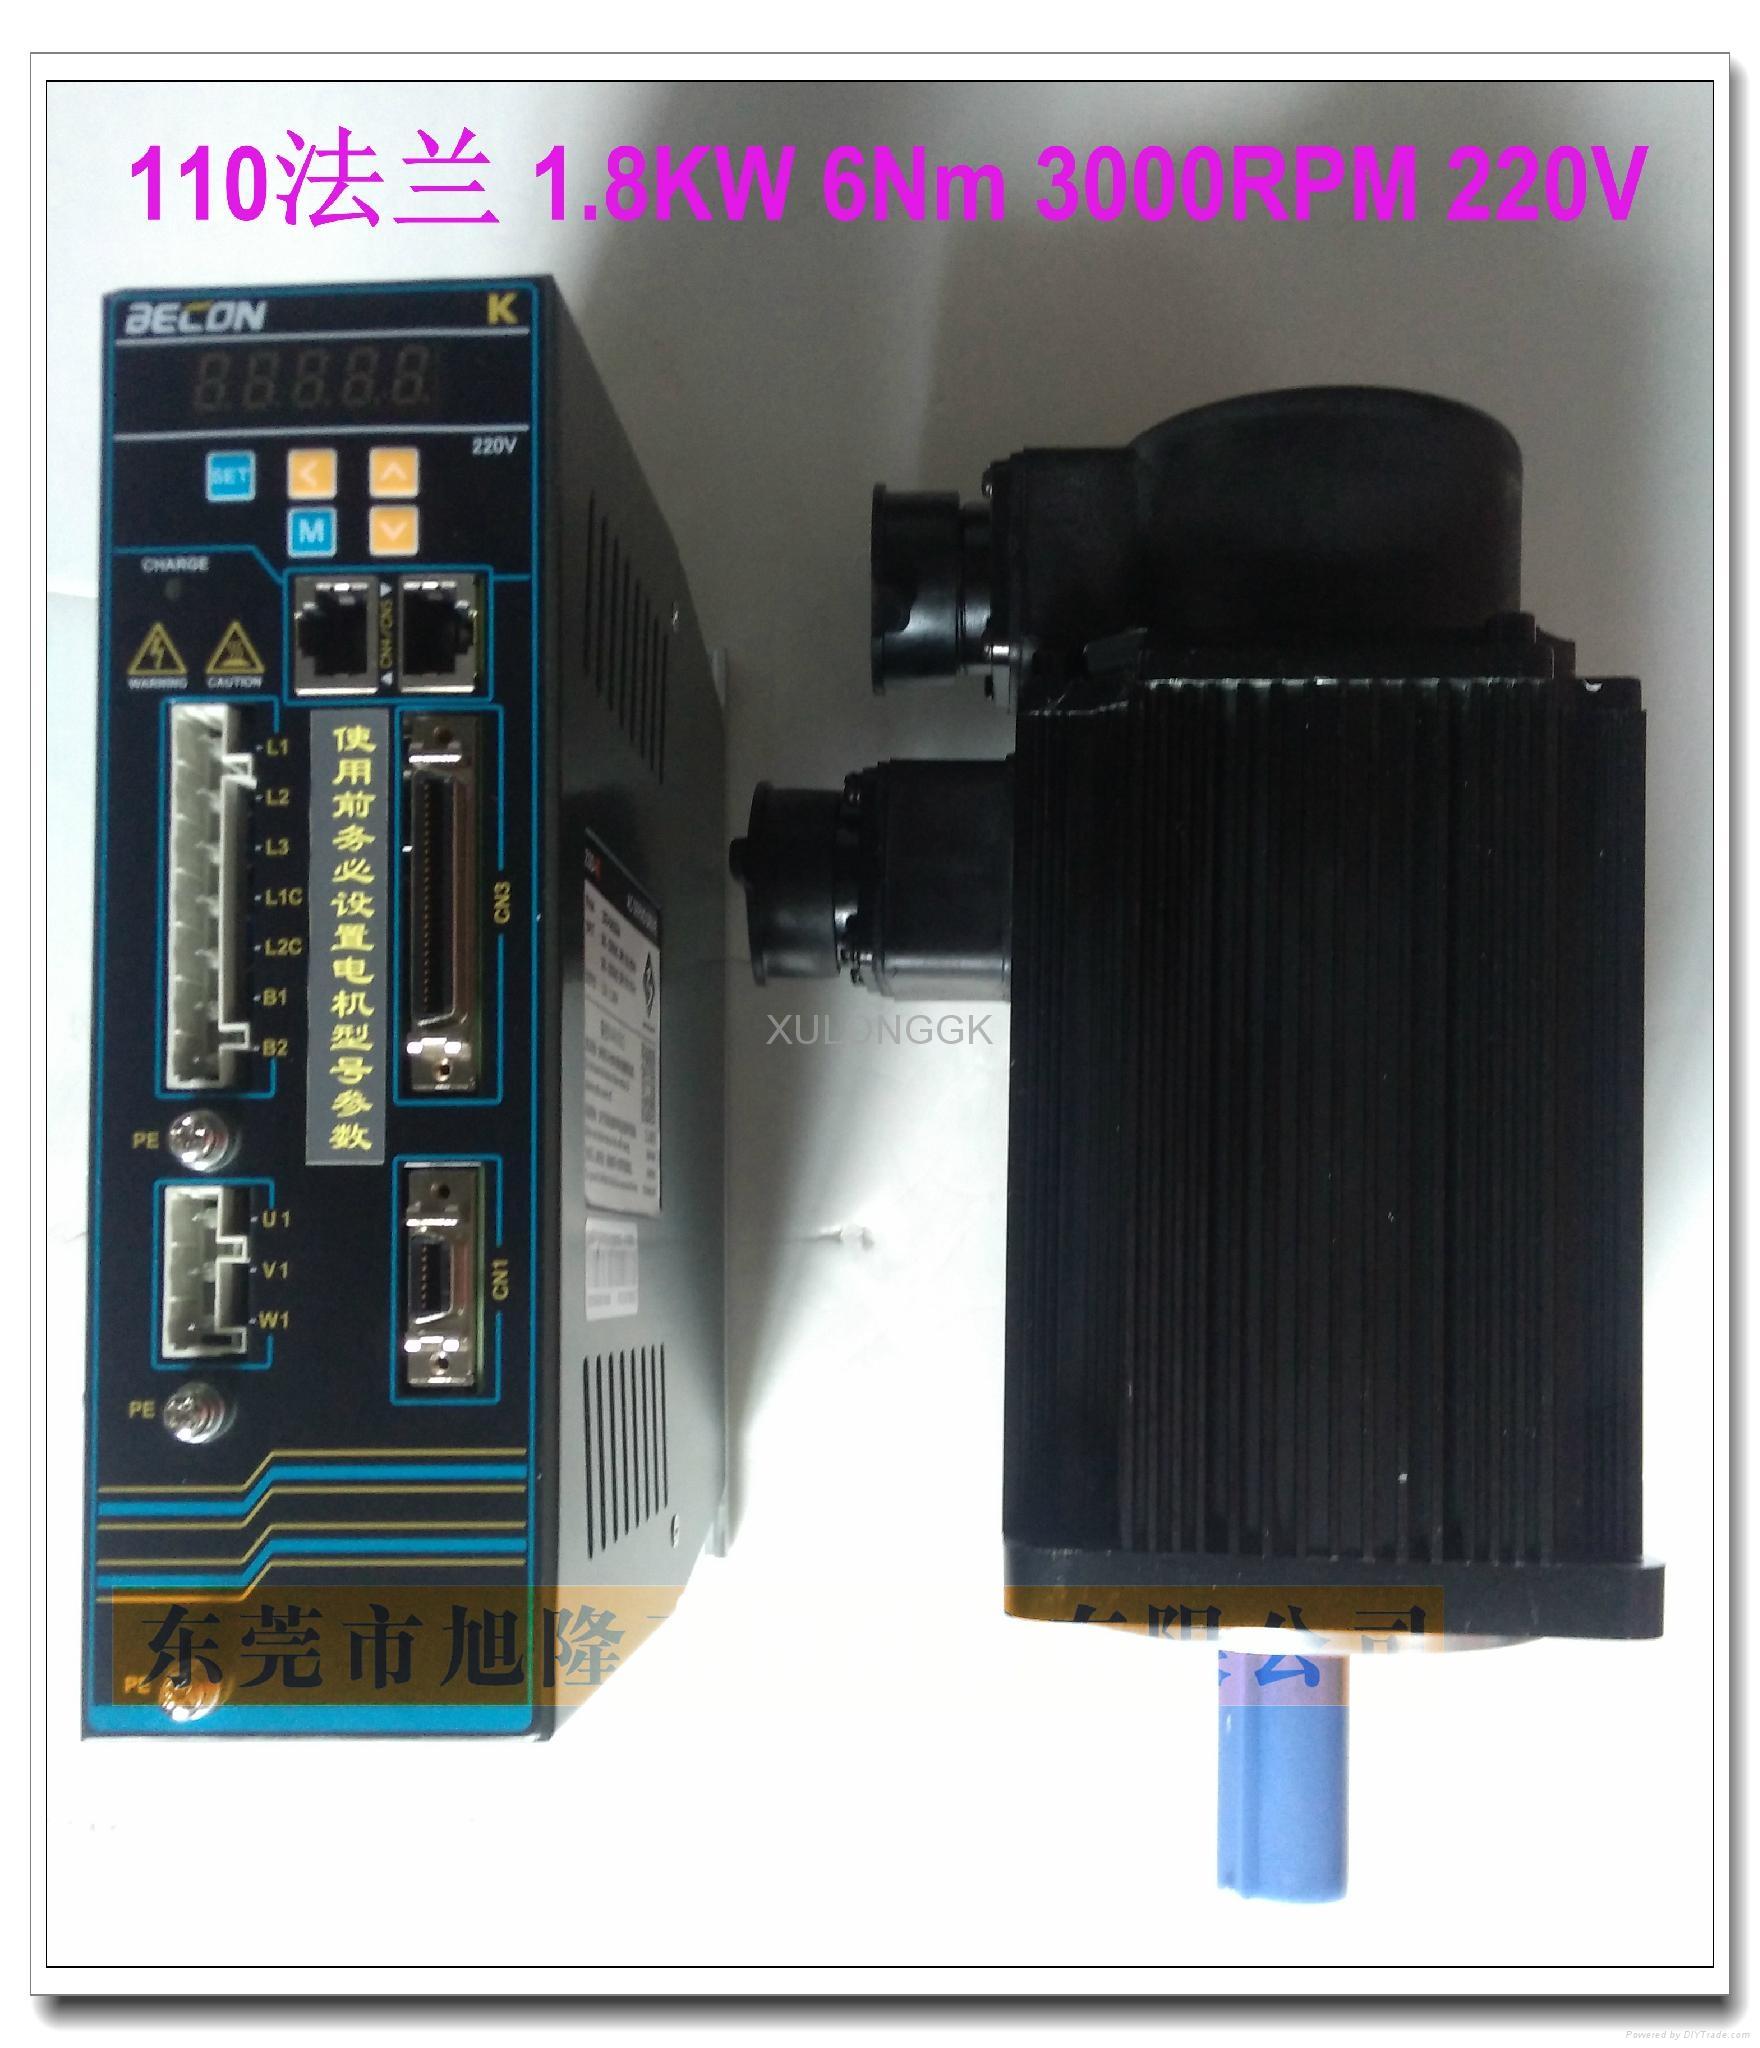 华大国产老品牌伺服电机1.8kw 6N 3000rpm 220V 包装机械用 1